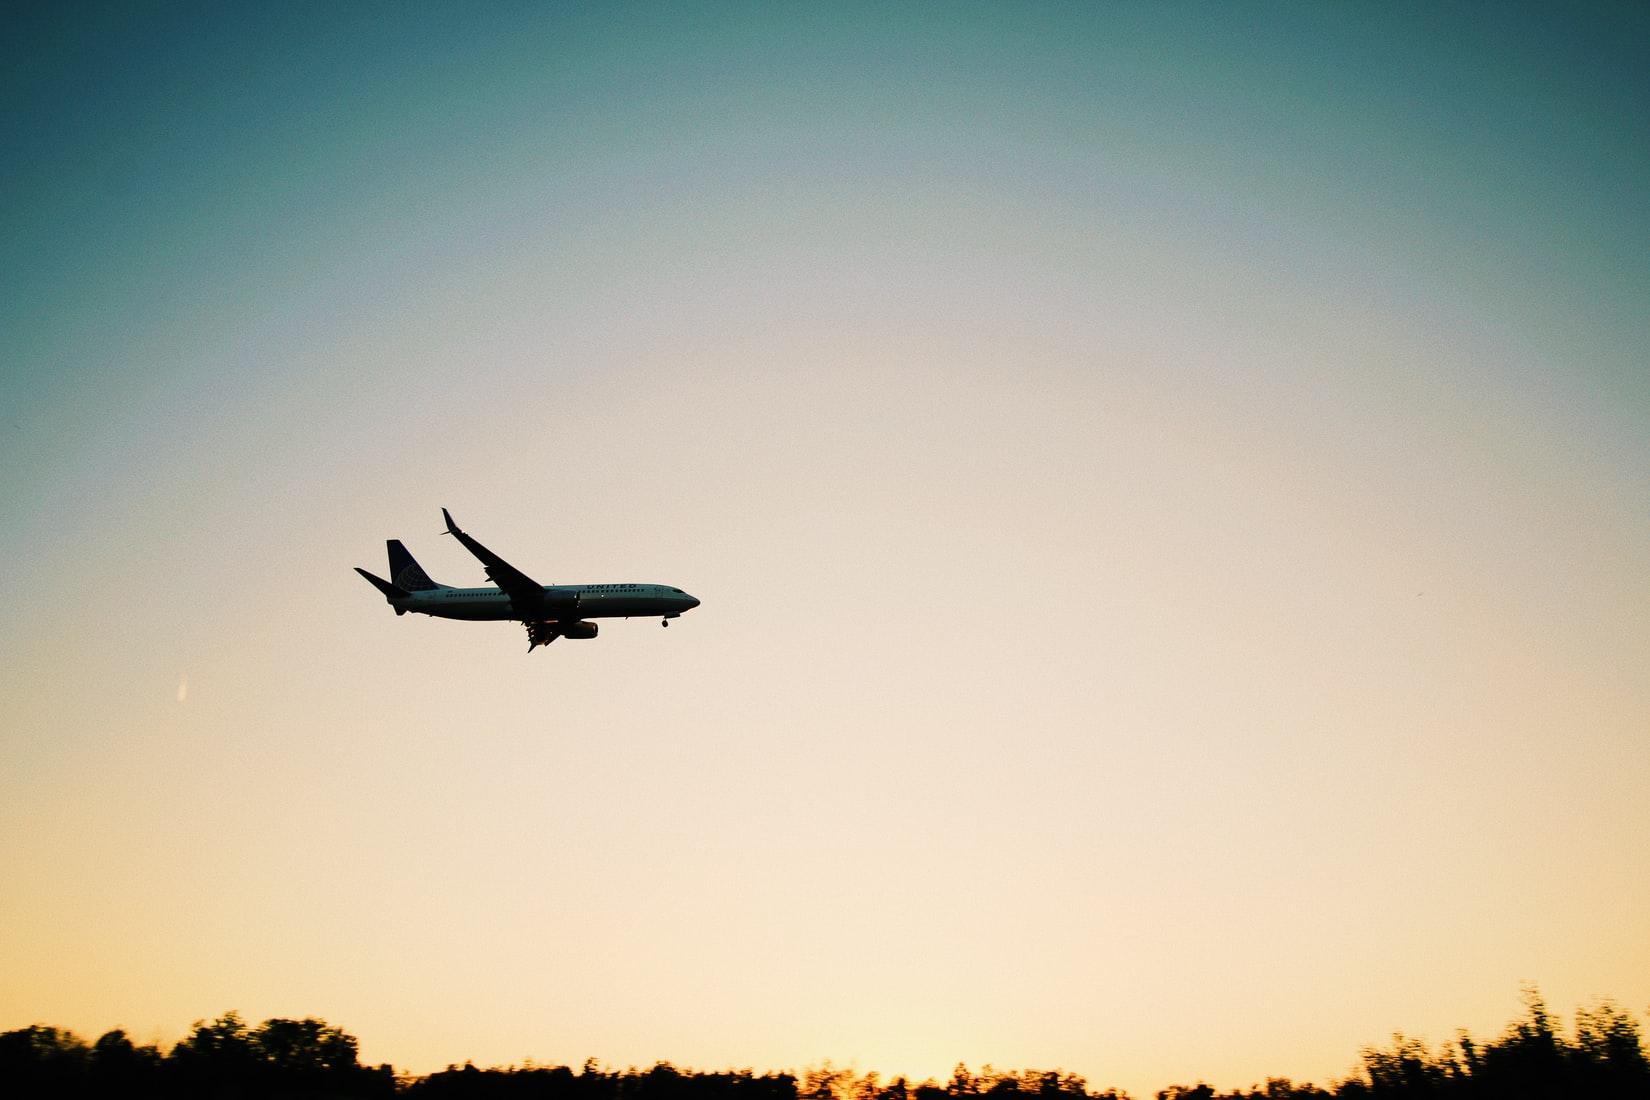 【海外留学】航空券はいつ買うべき?航空券を最安値で買うコツ